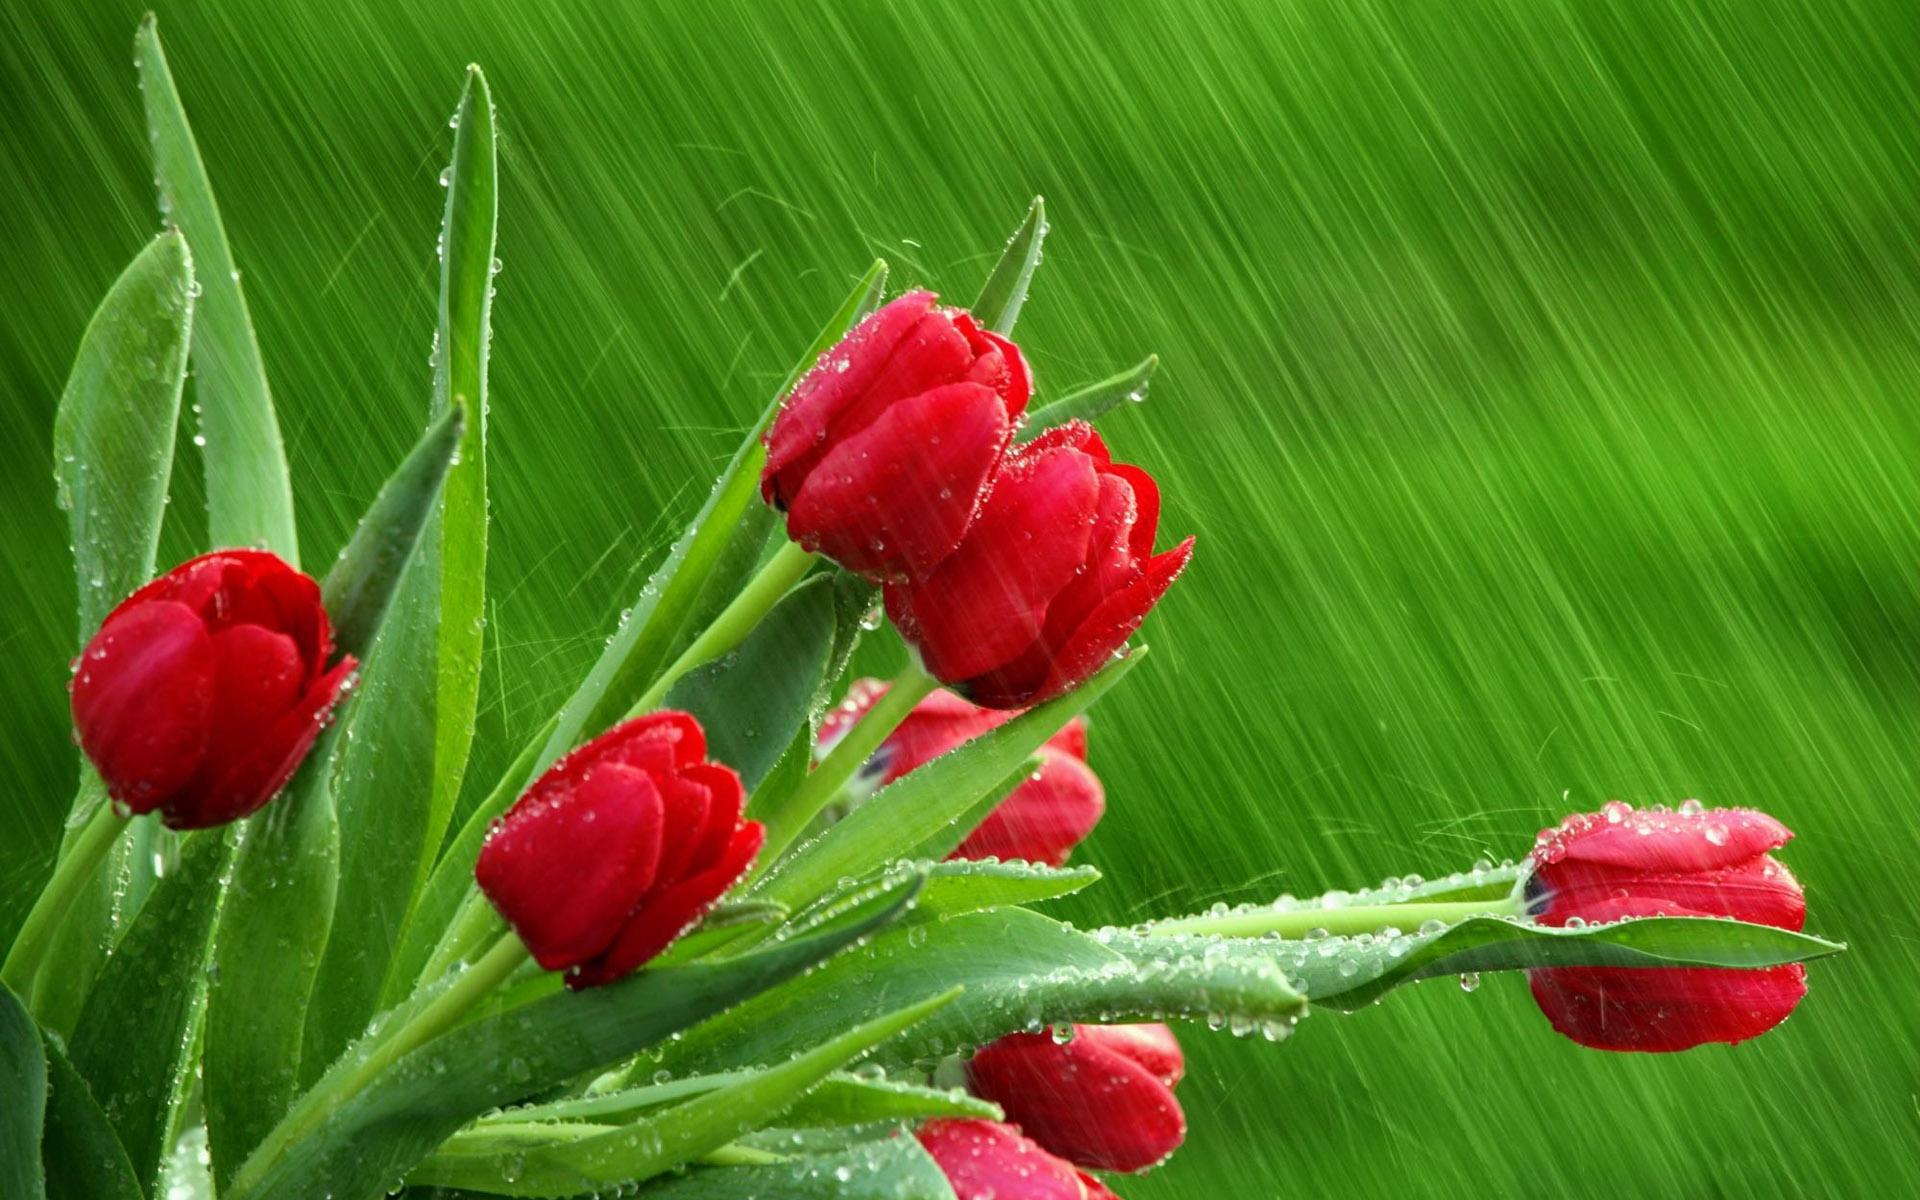 Скачать картинку Растения, Цветы, Тюльпаны в телефон бесплатно.